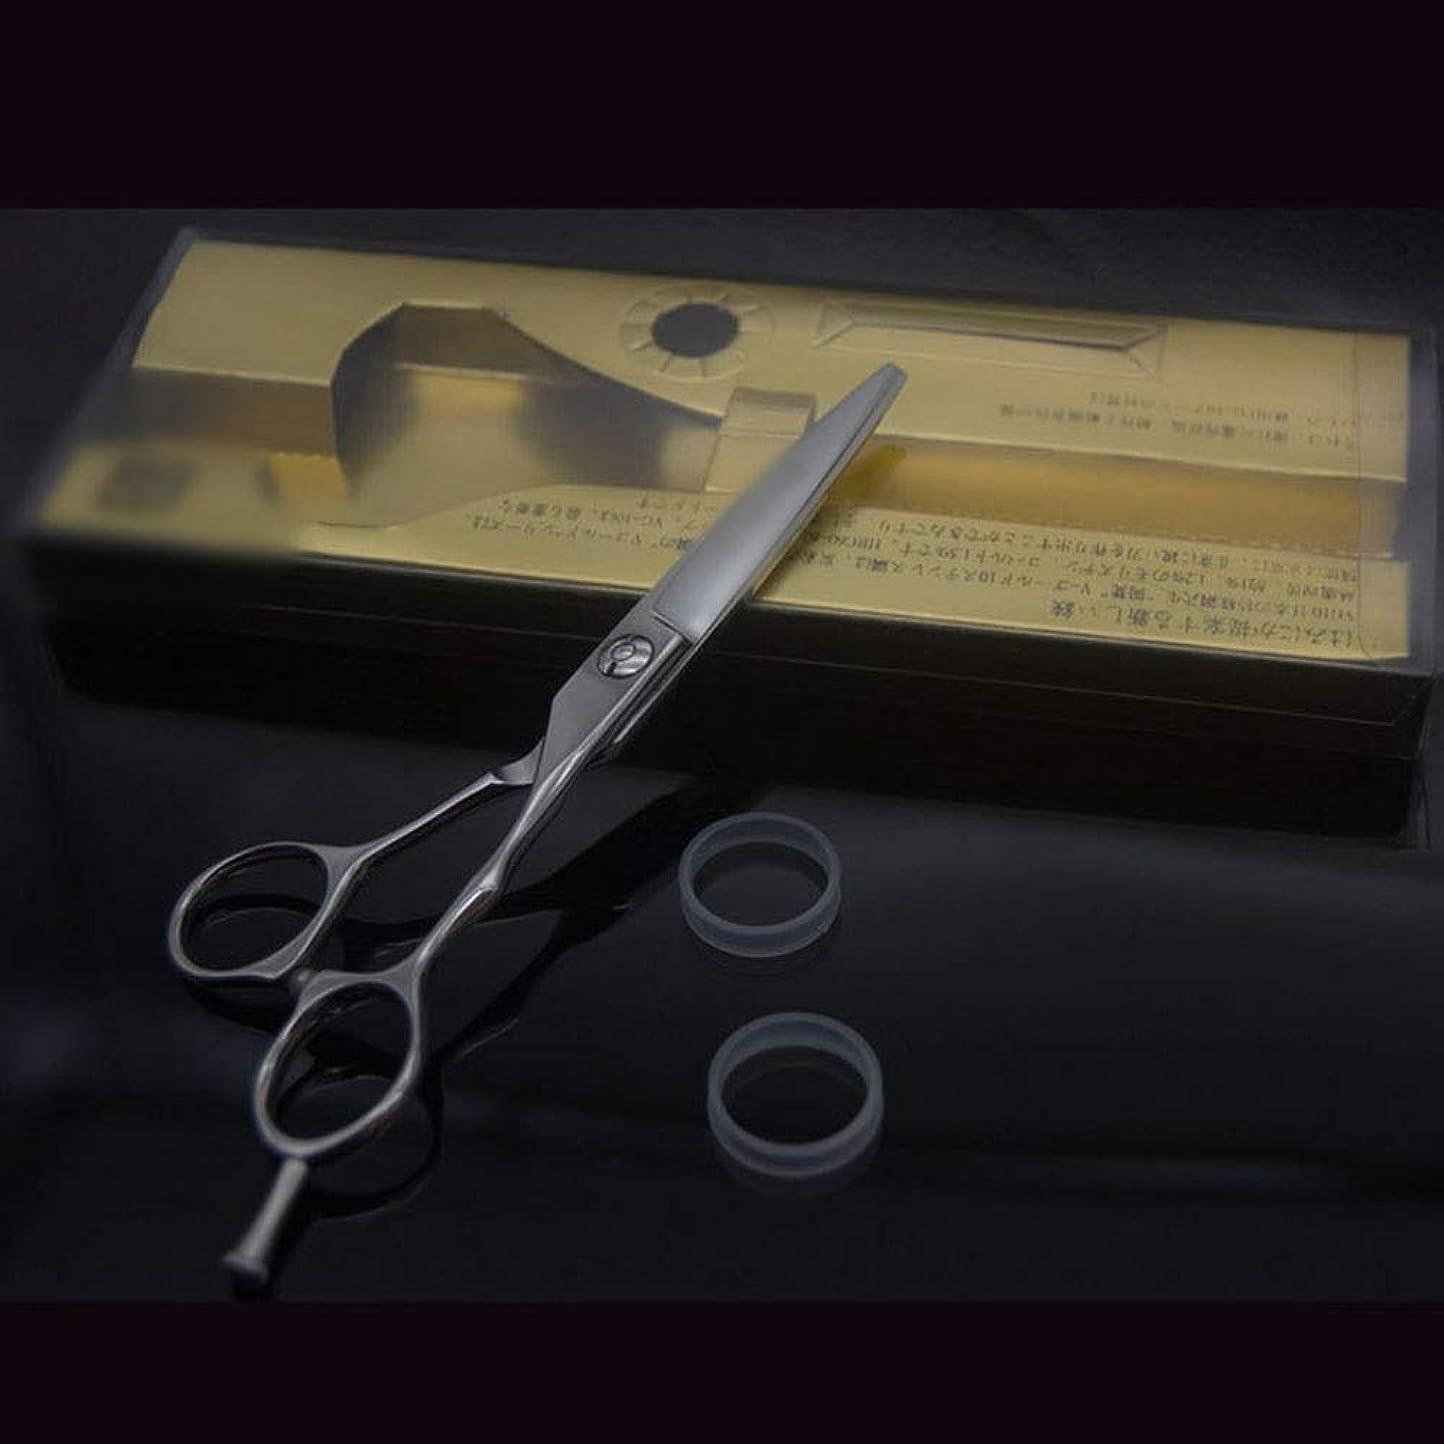 エンジン剛性チャームHairdressing 6インチ美容院プロフェッショナル理髪はさみ、ハイグレード滑り止めフラットはさみヘアカットシザーステンレス理髪はさみ (色 : Silver)